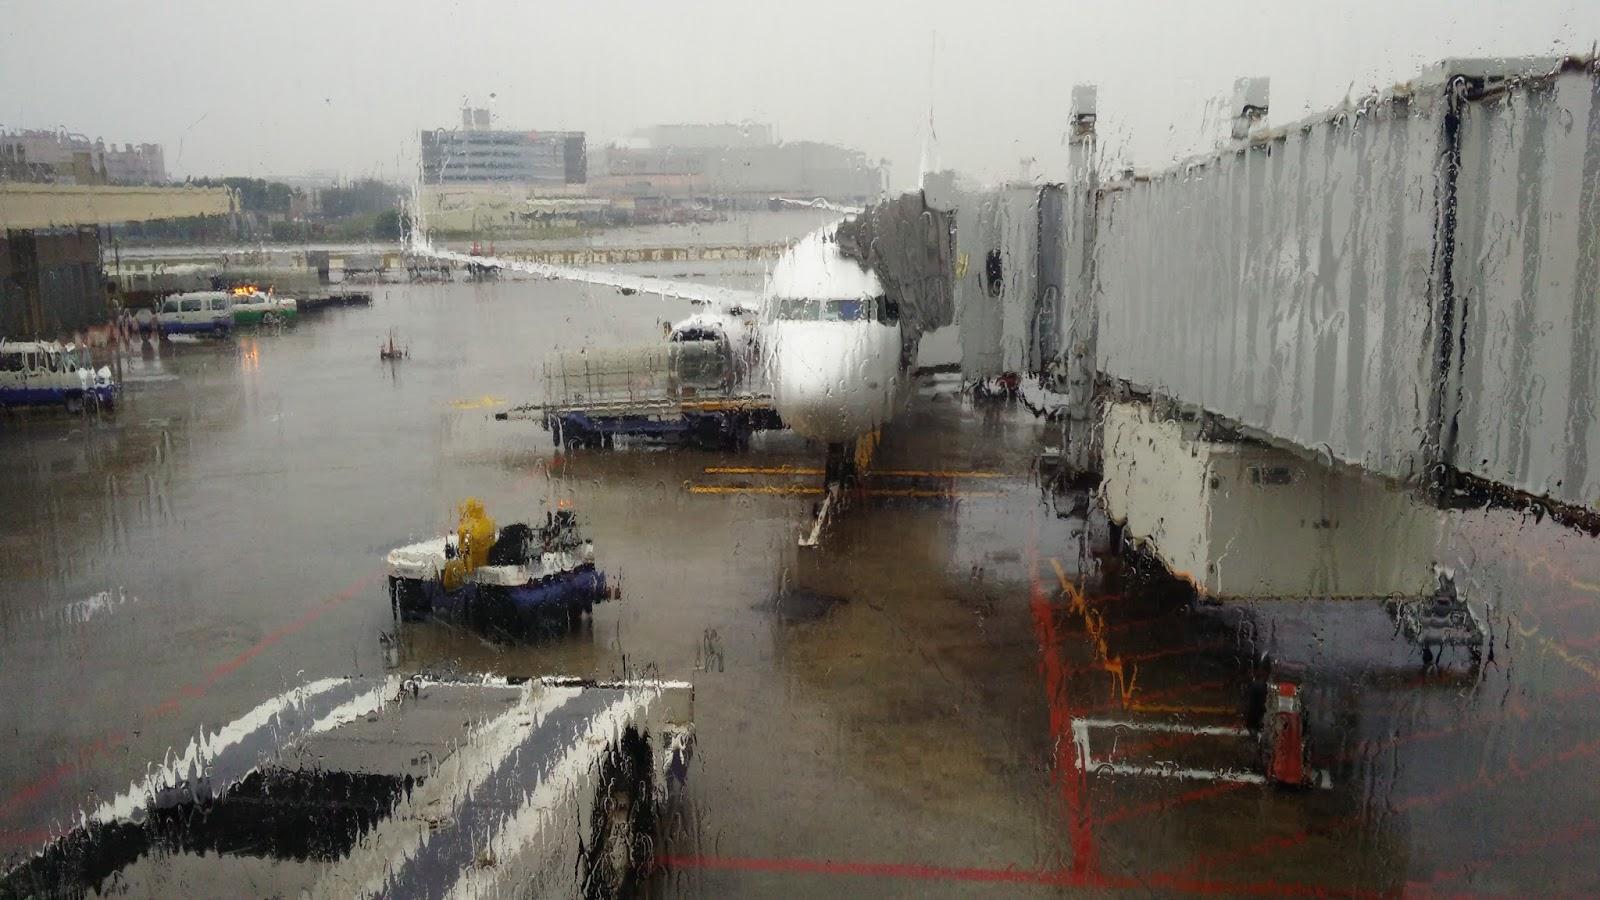 黑老闆說︱下著大雨的停機坪,馬航B737-800將載著我們飛去吉隆坡搶錢。